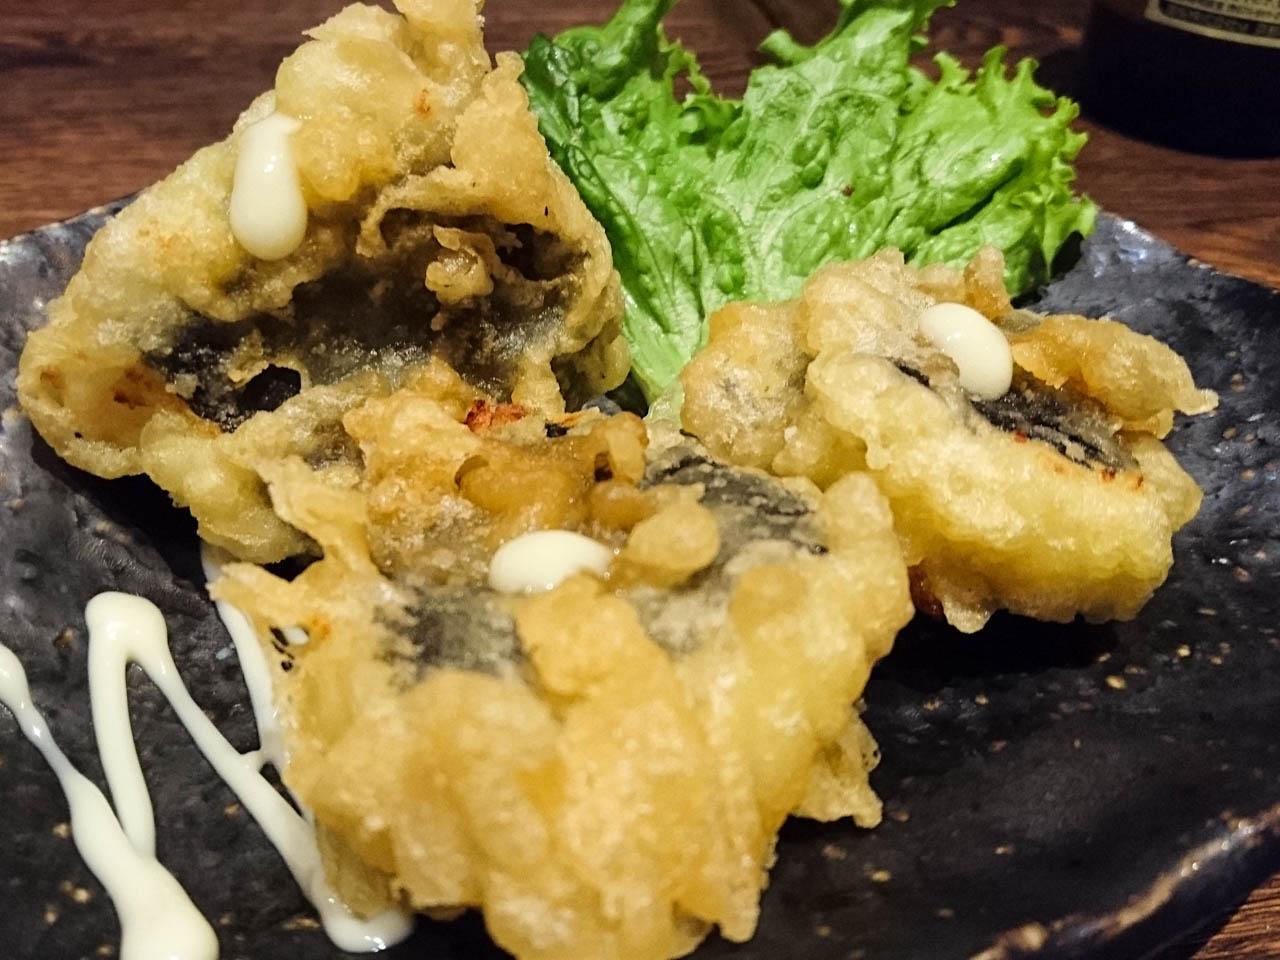 ポテトサラダの天ぷら